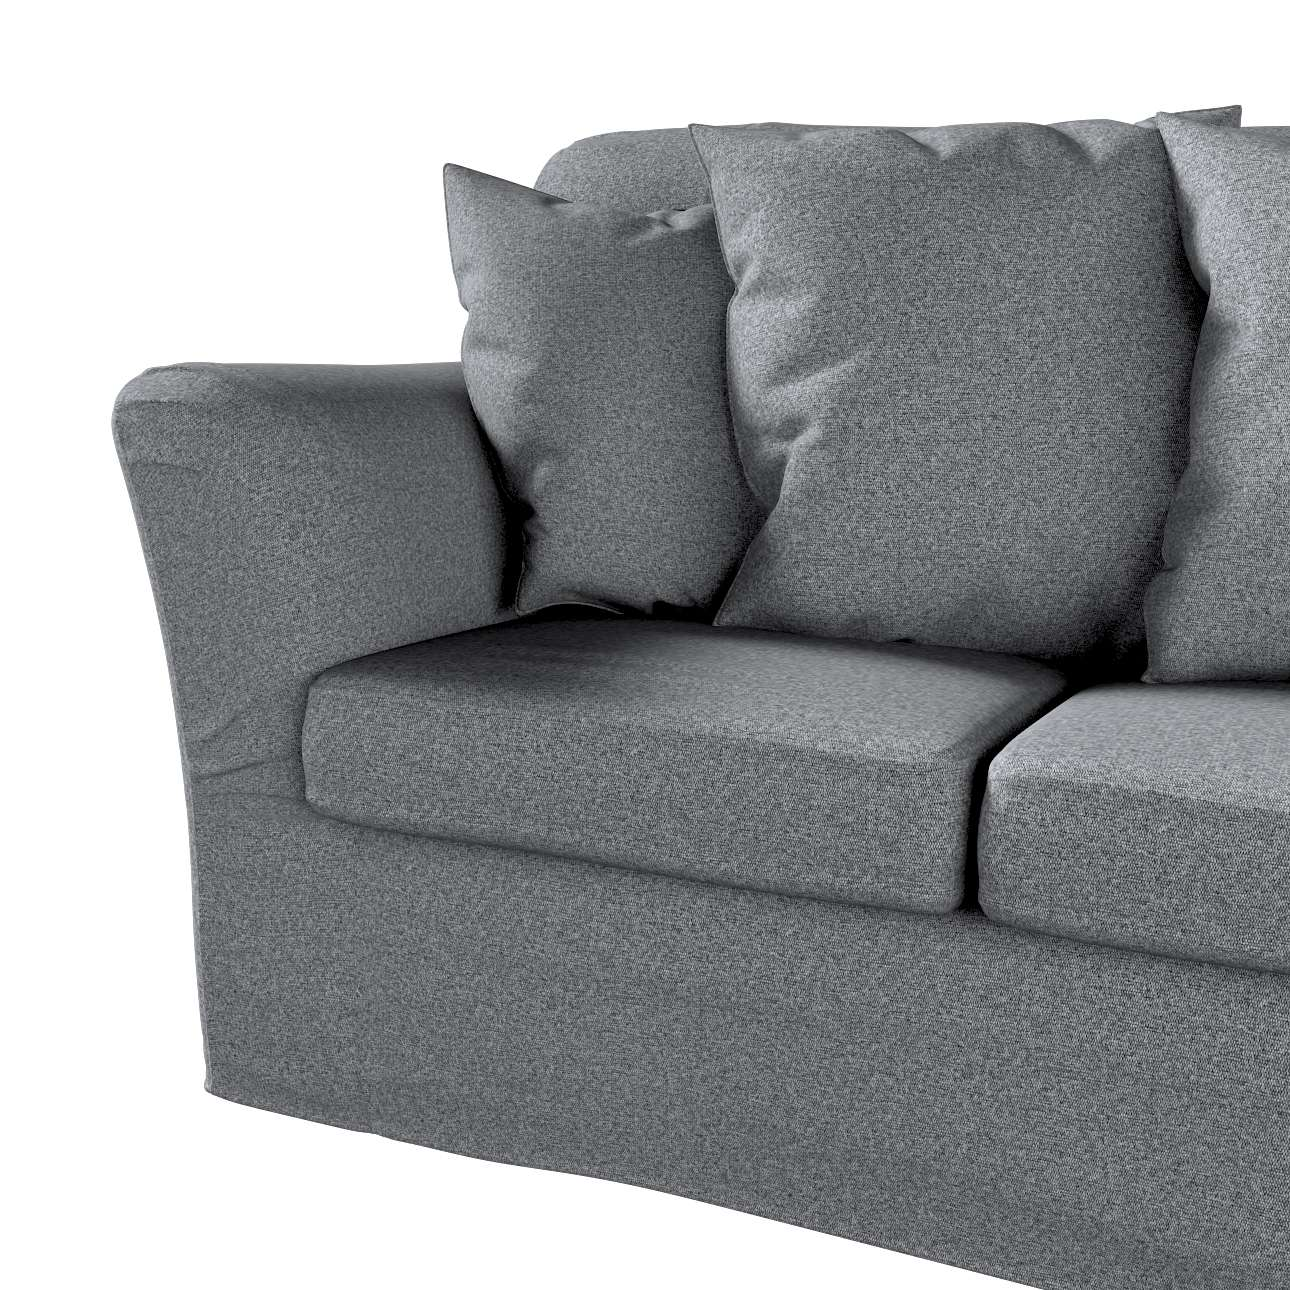 Poťah na sedačku Tomelilla (pre 3 osoby) V kolekcii Amsterdam, tkanina: 704-47